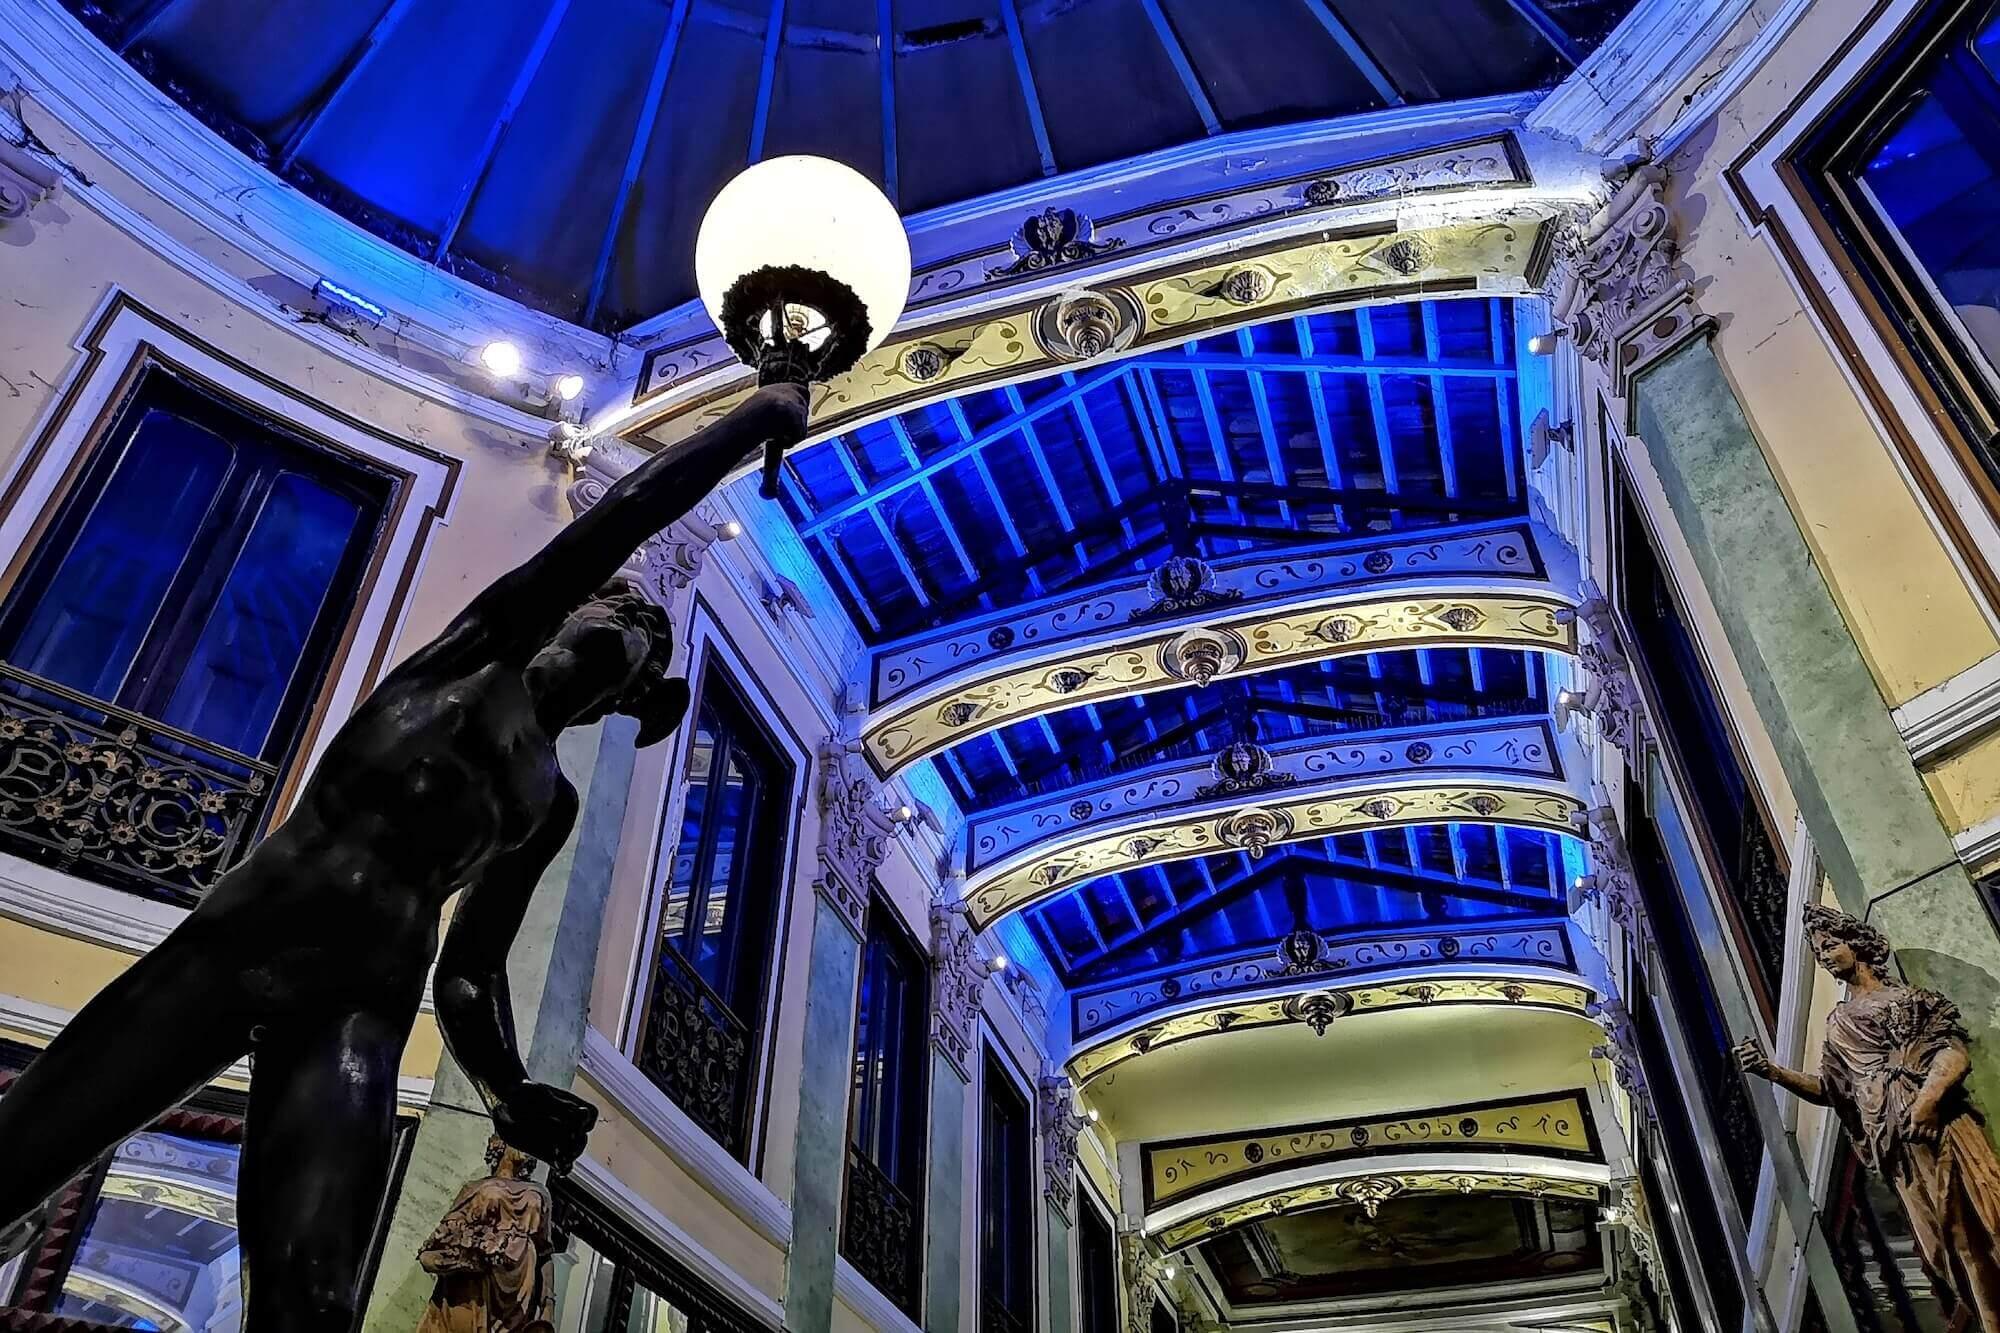 Kultur-Tipps für Zentral-Spanien: Die besten Museen und Sehenswürdigkeiten in Valladolid. Auch außerhalb der Semana Santa ist die Stadt eine Reise wert.